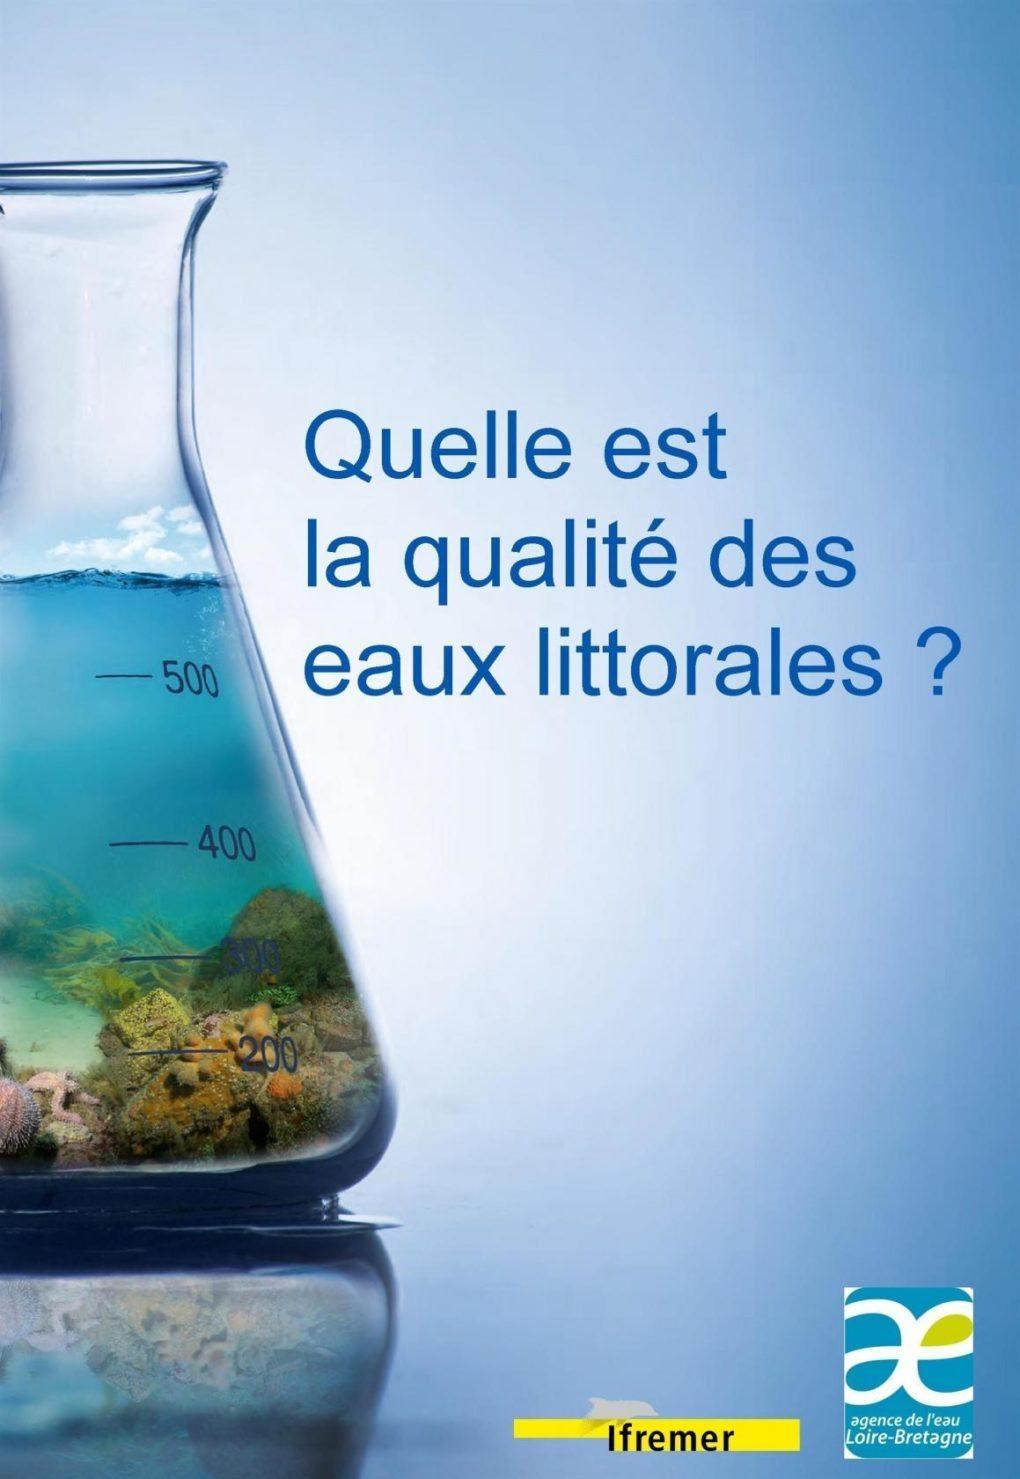 Quelle est la qualité des eaux littorales ? Plougrescant